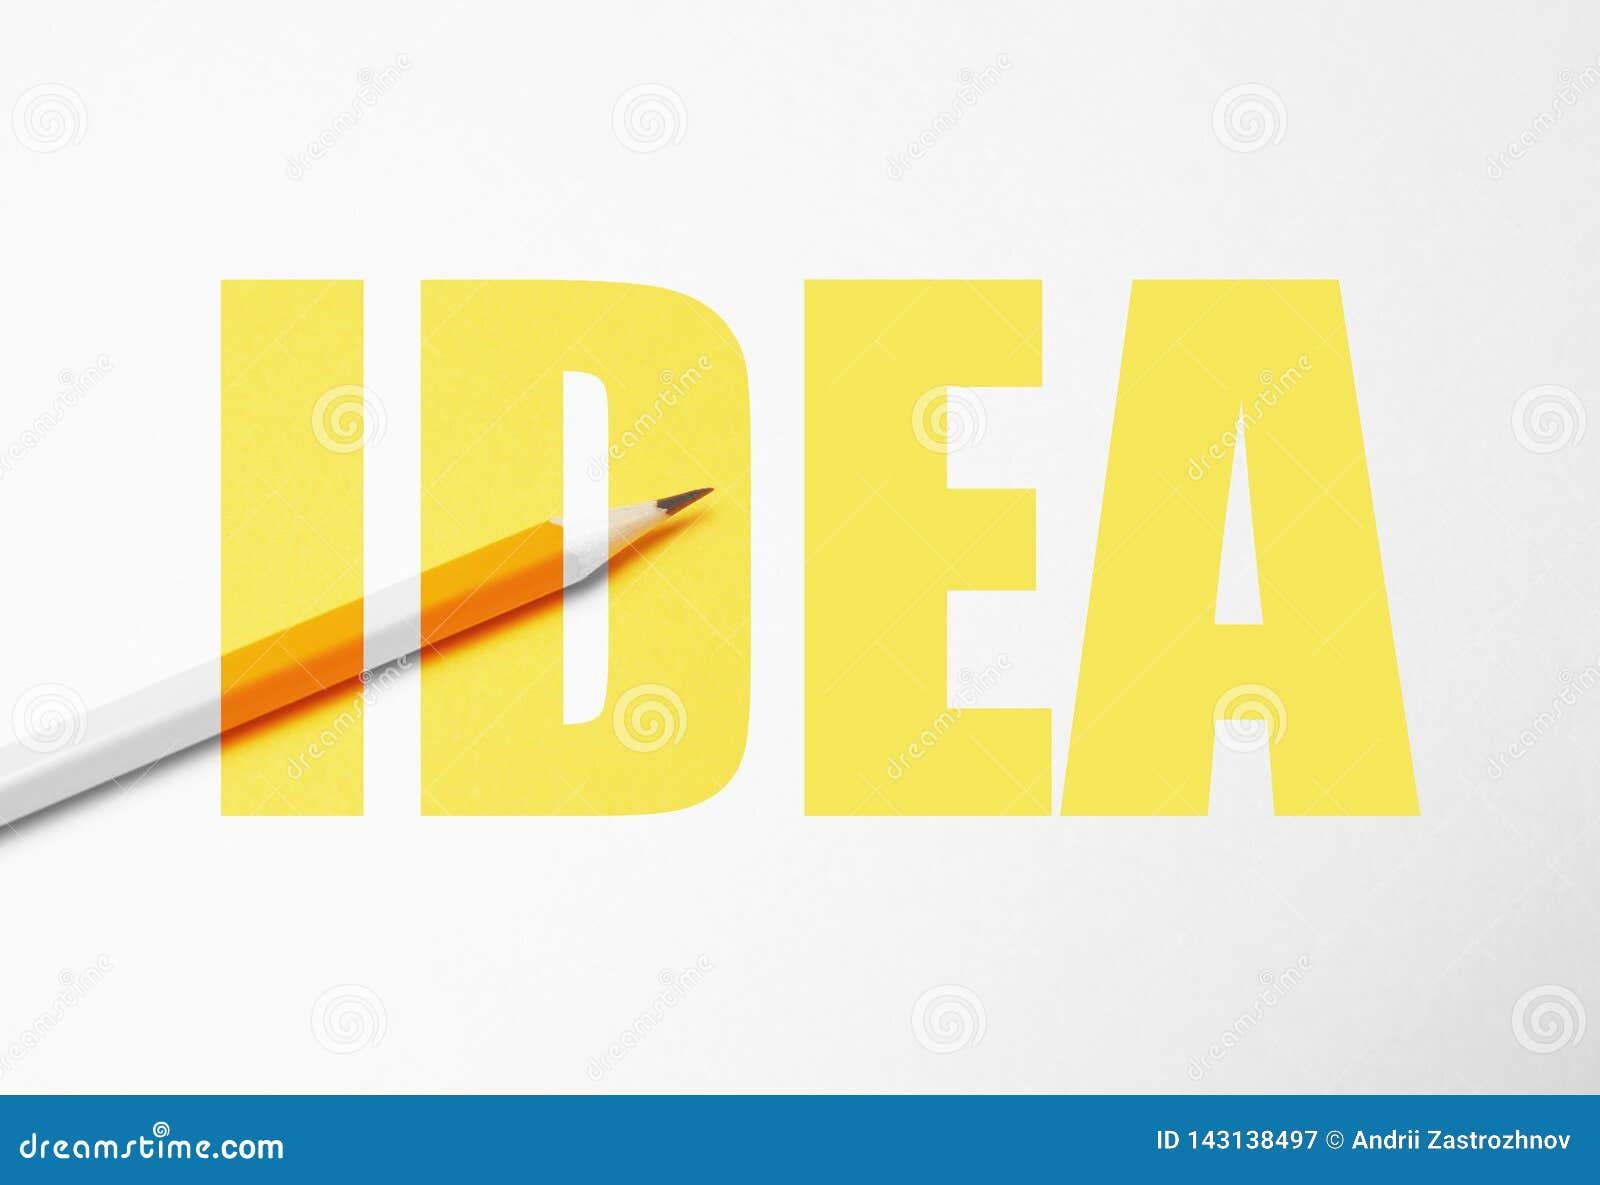 在白色背景,简单派的黄色铅笔 创造性,想法,解答,创造性概念